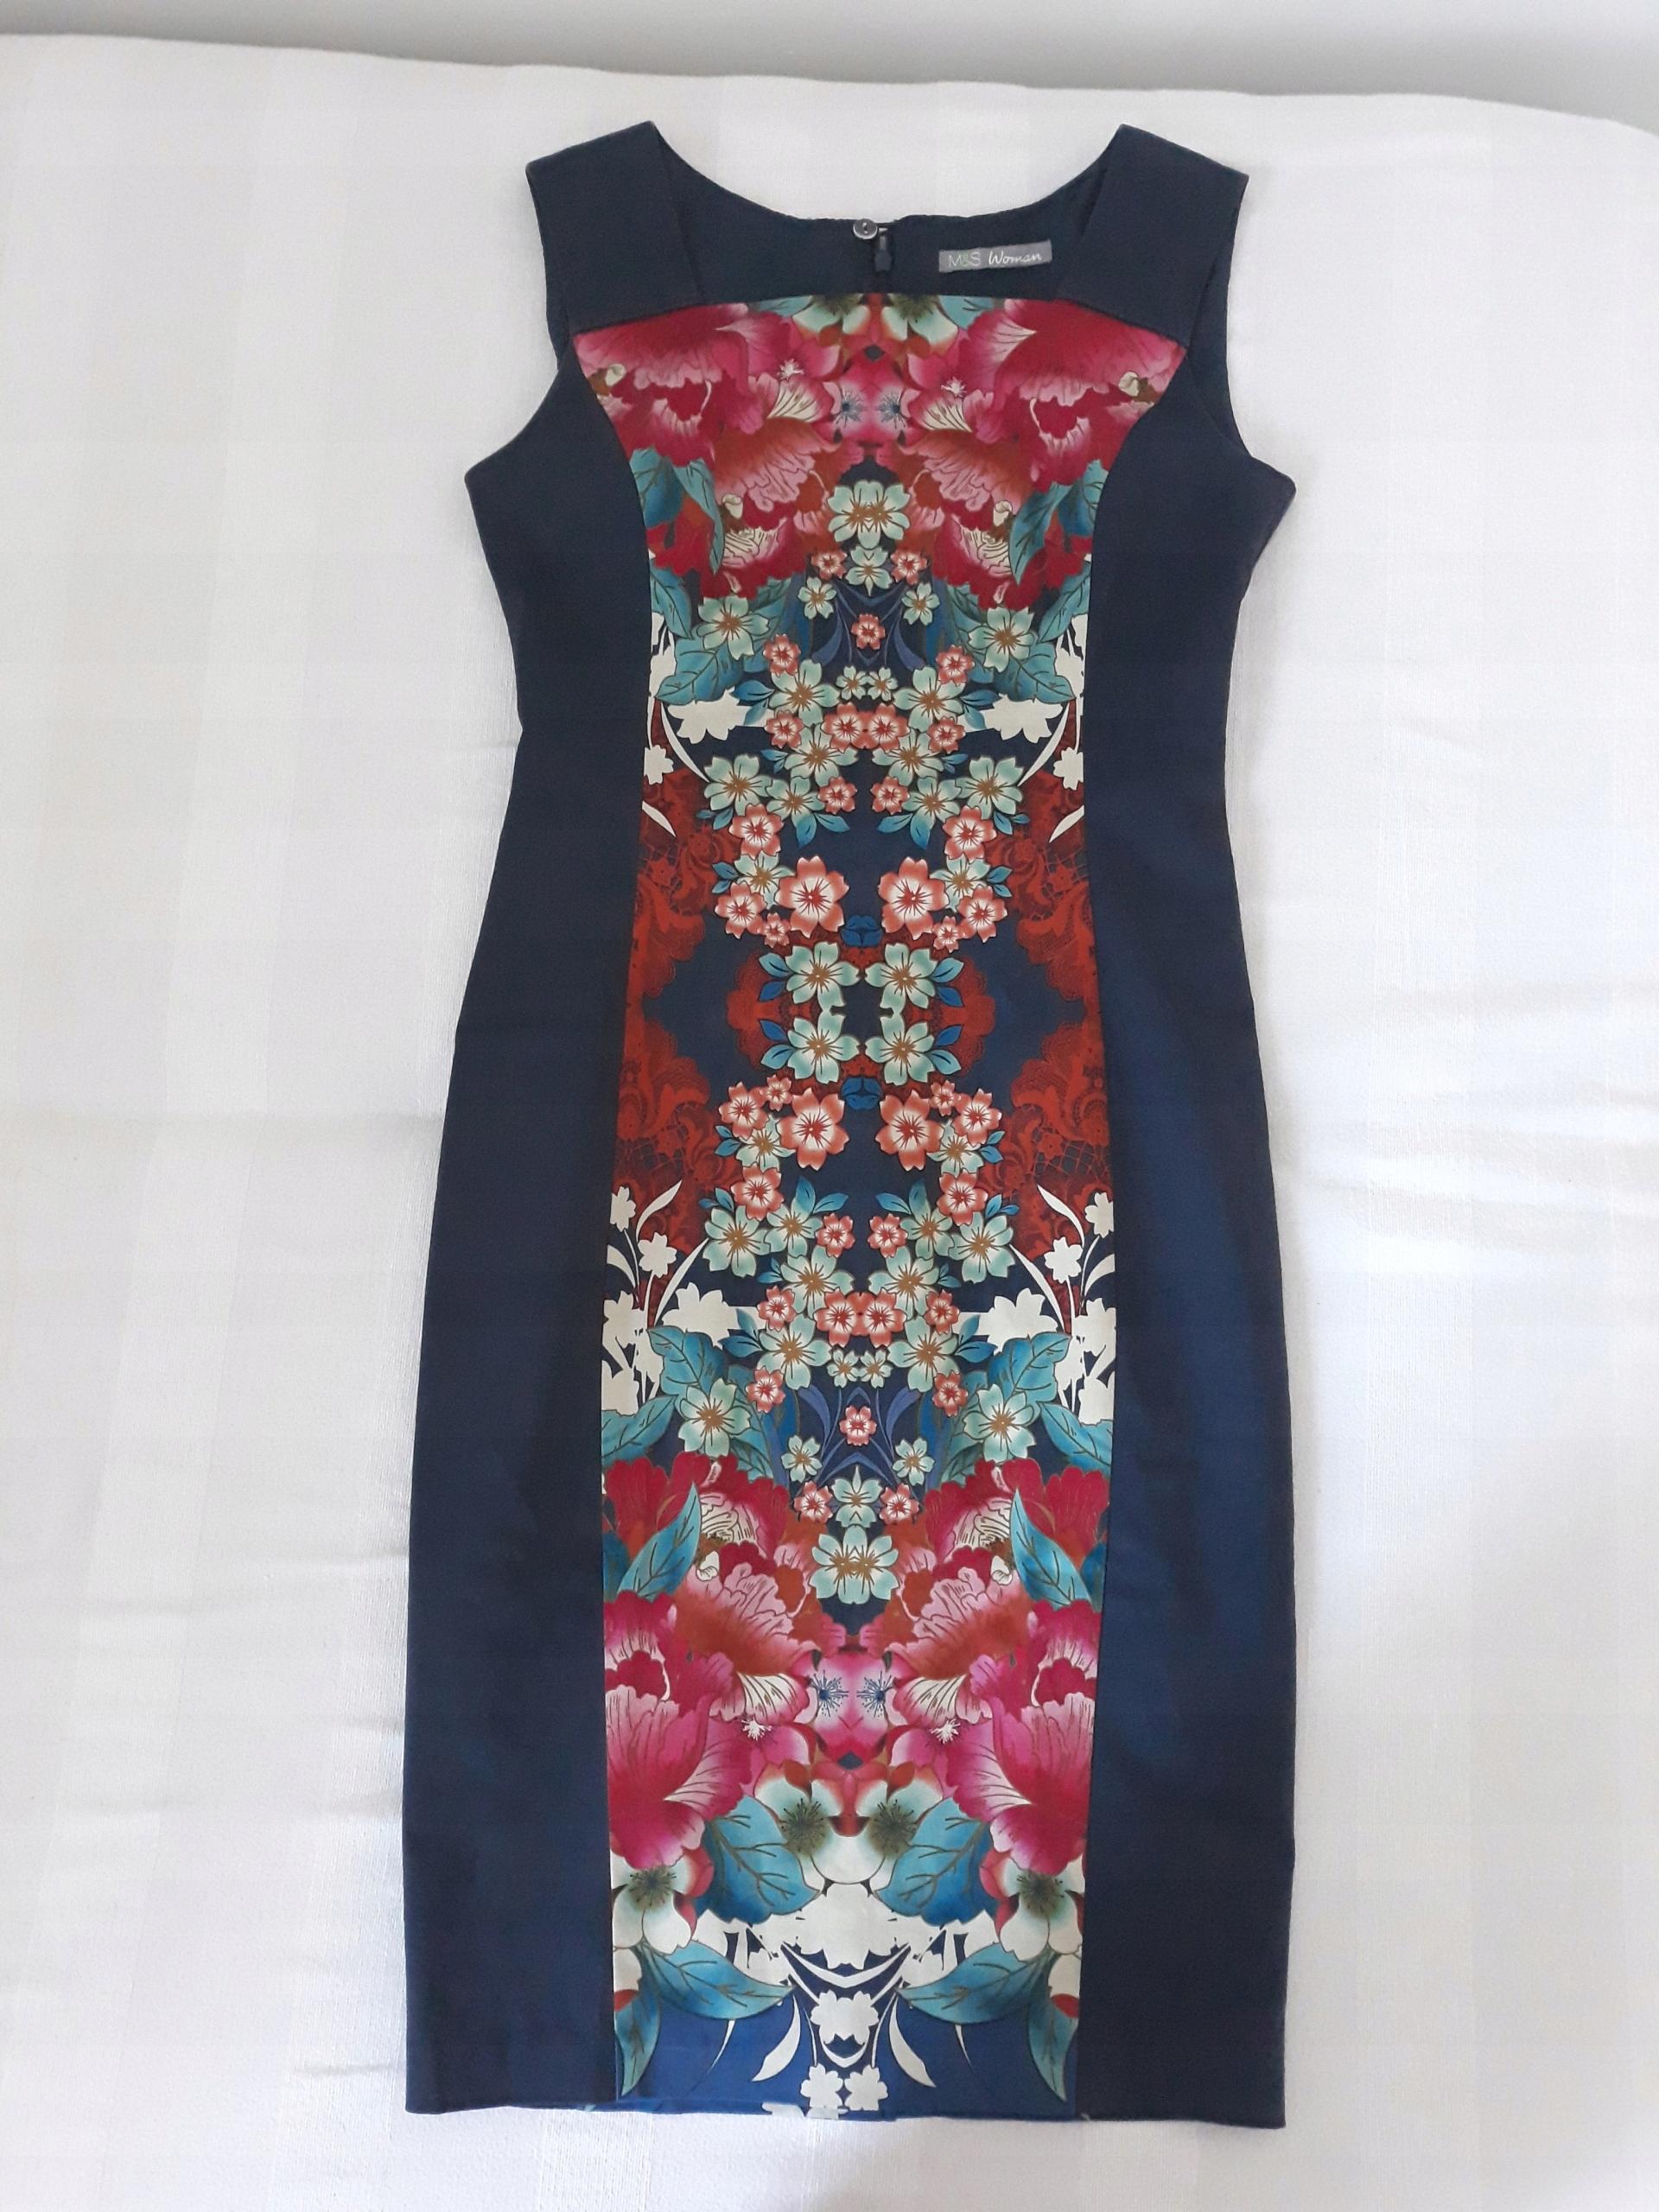 e3186f6f11 M S sukienka japońskie kwiaty wesele retro - 7518945109 - oficjalne ...